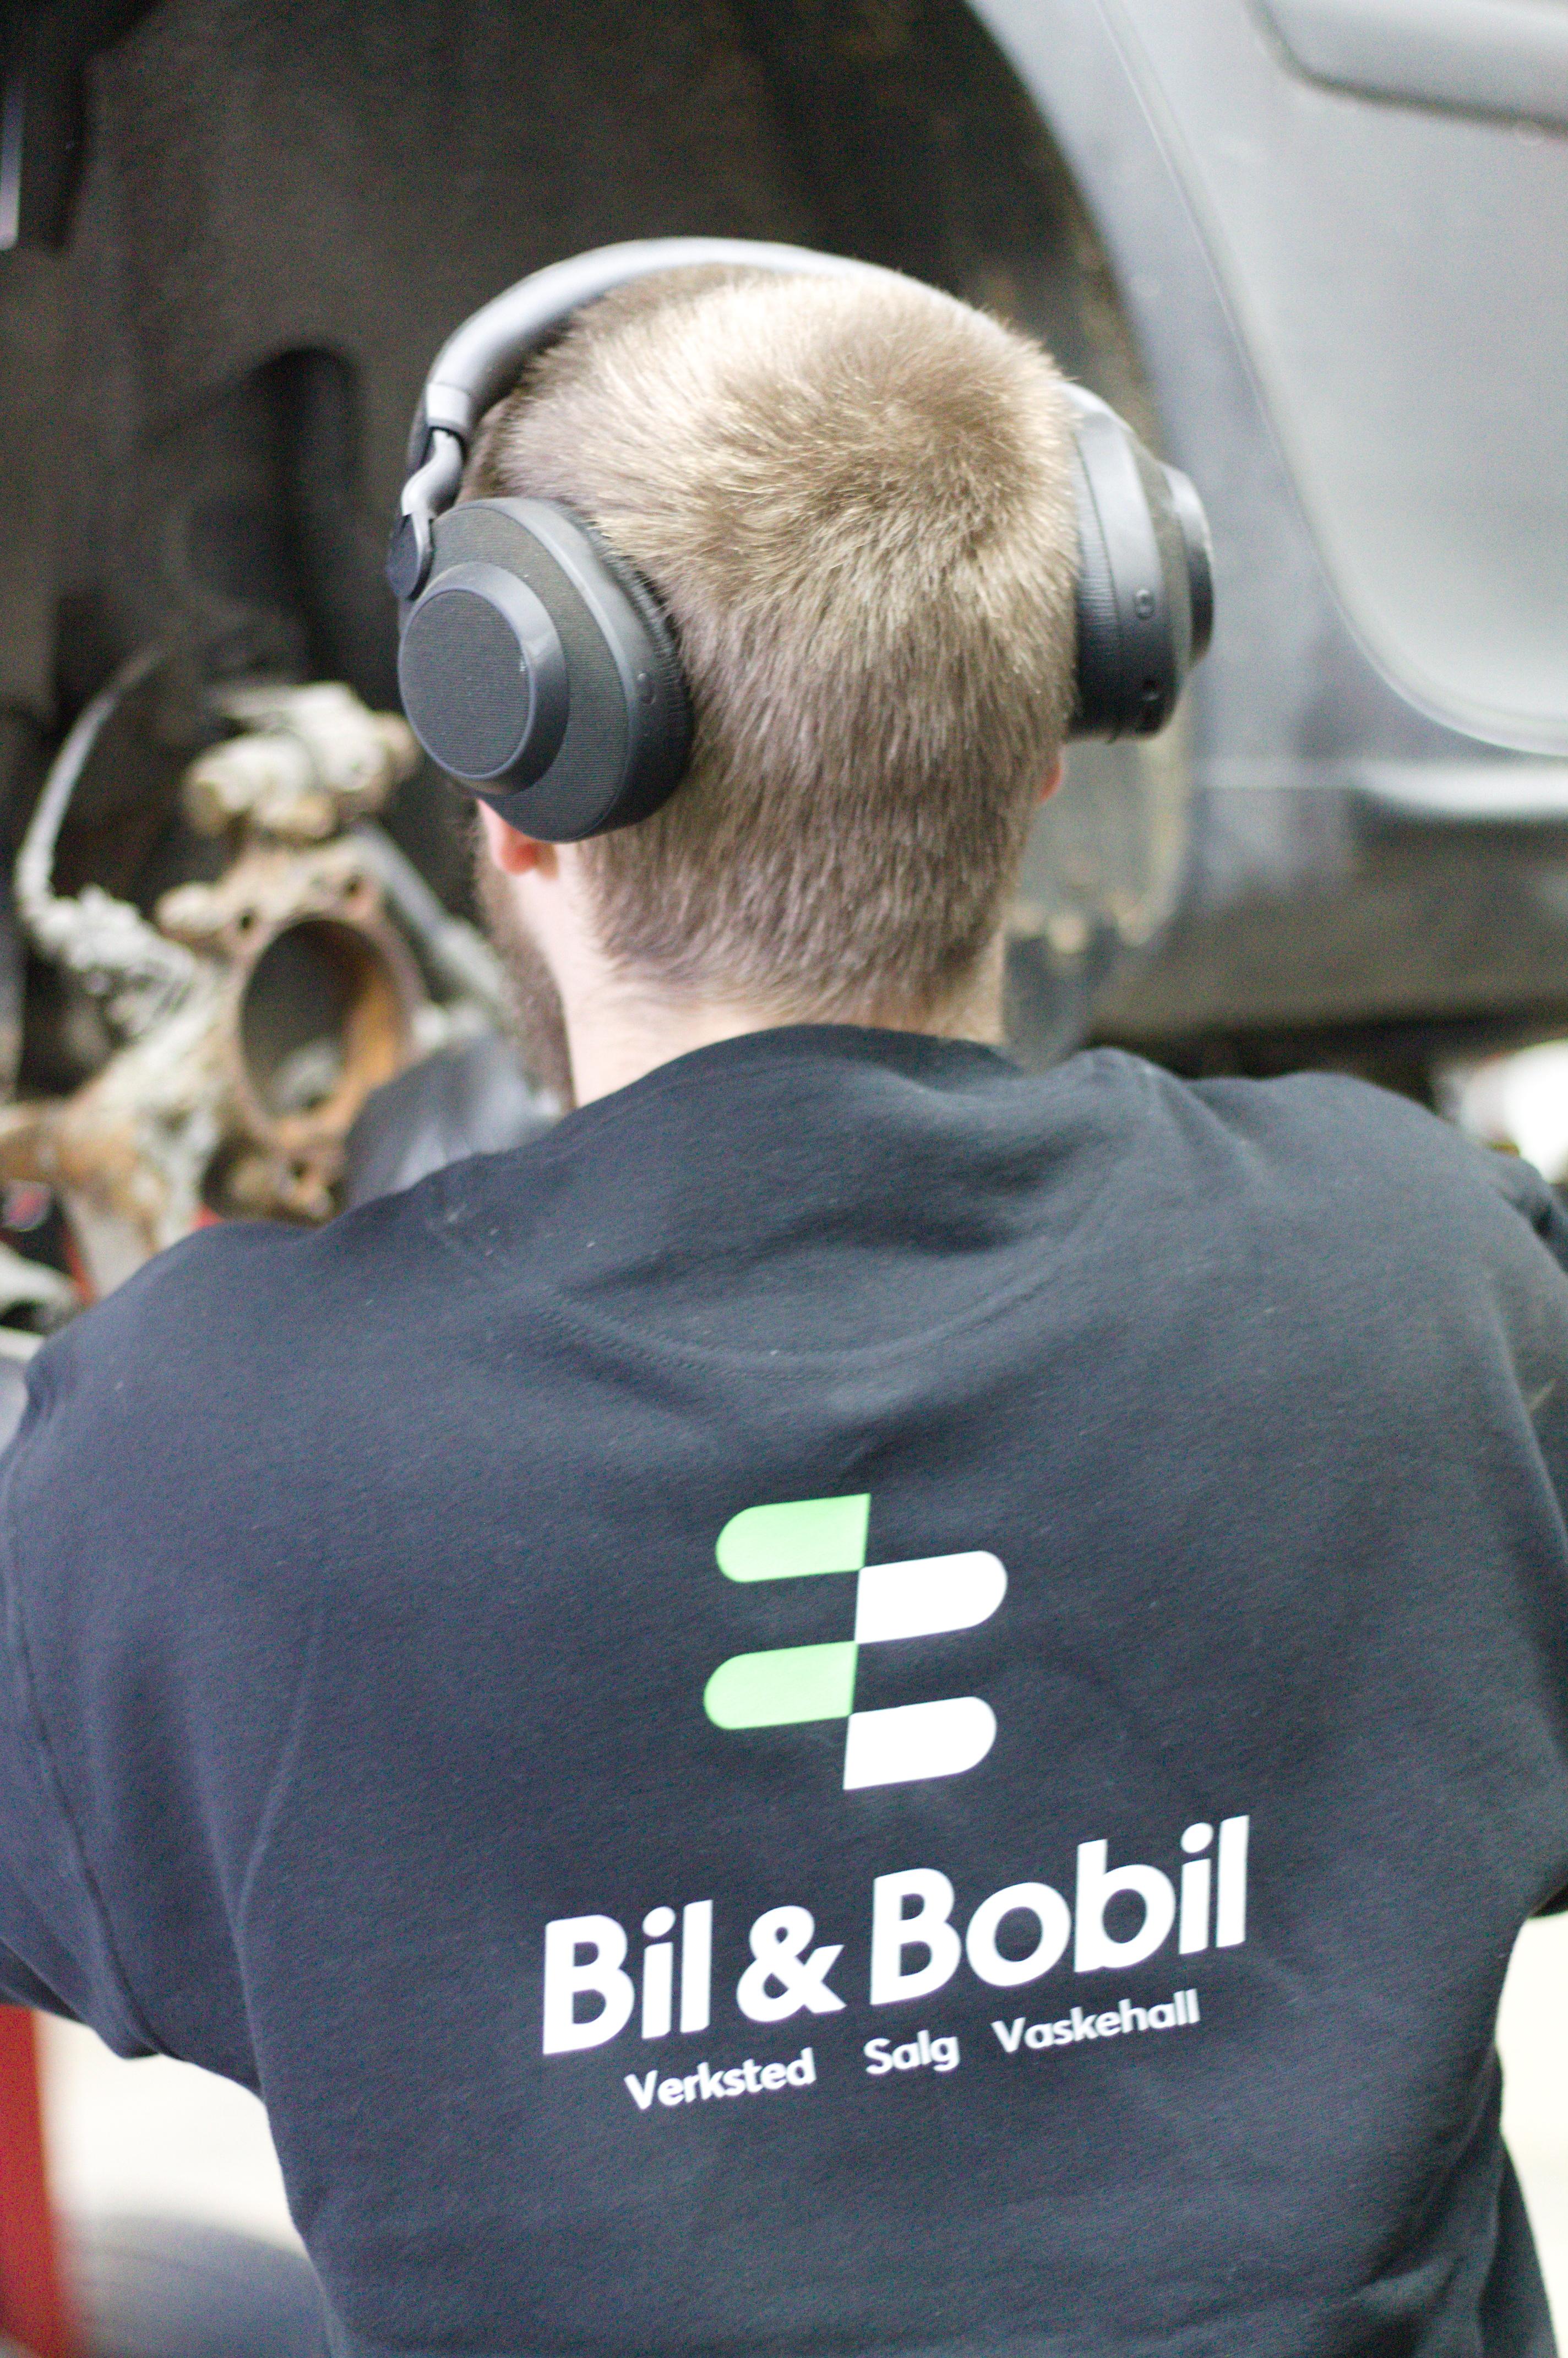 Bilde 1 av  Bil og Bobil Østerhus AS